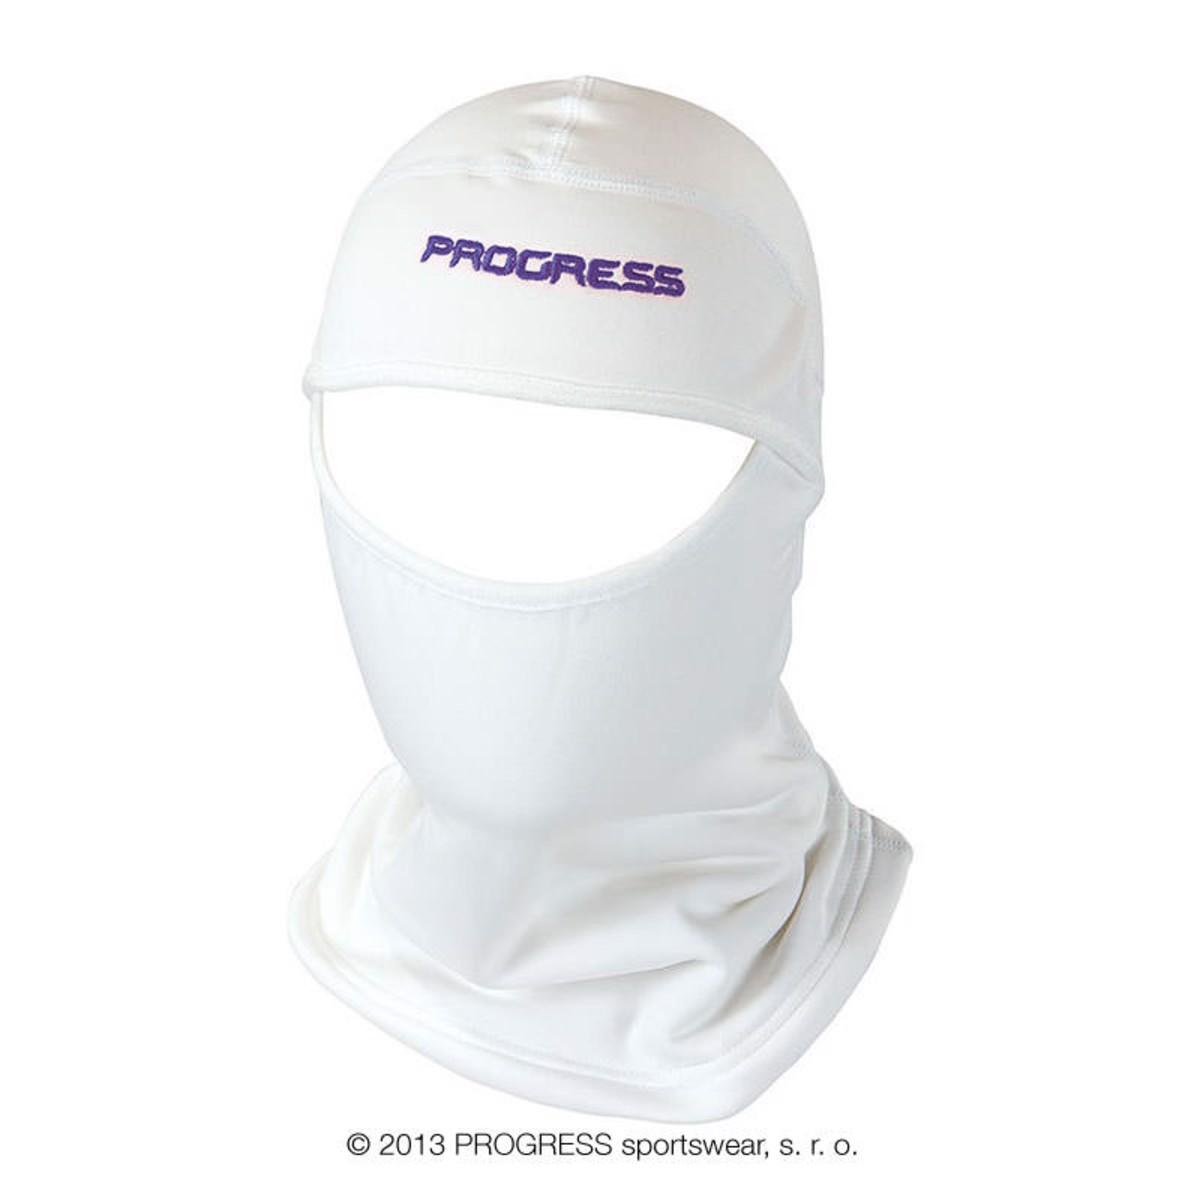 82b1a9219 Progress D TS KUK lyžiarska ku | Progress